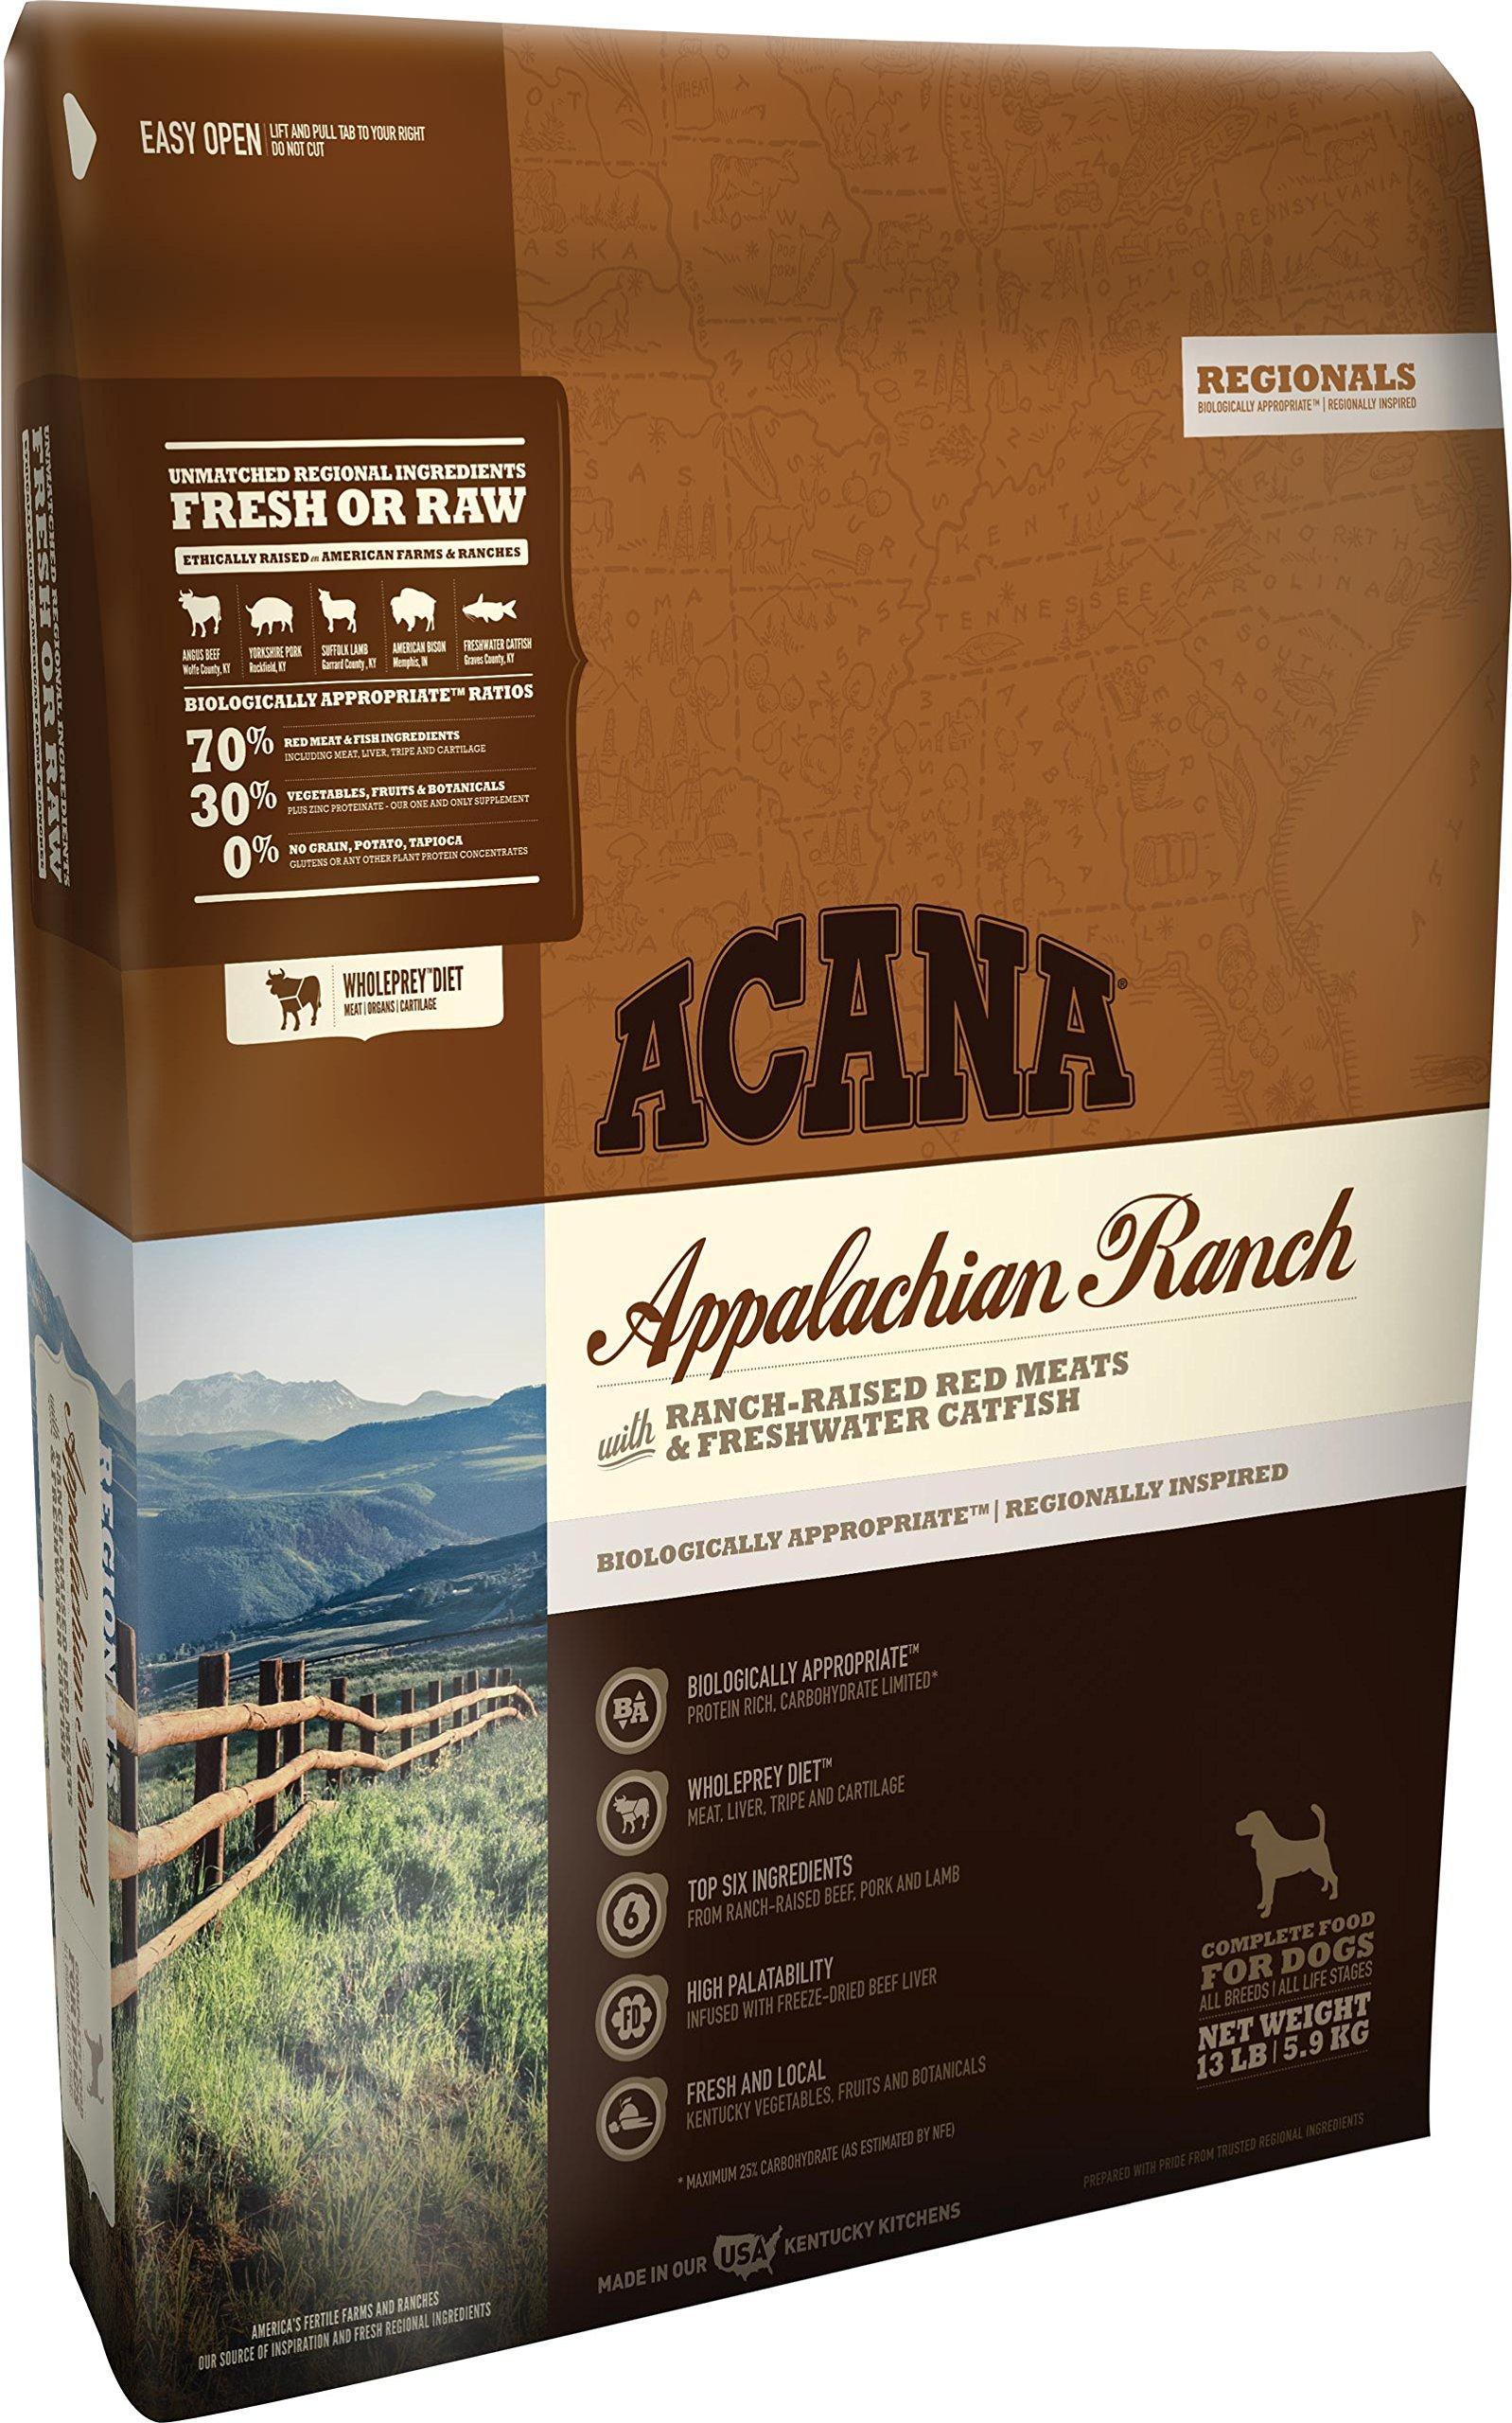 Orijen Acana Regionals Appalachian Ranch for Dogs, 13 lb